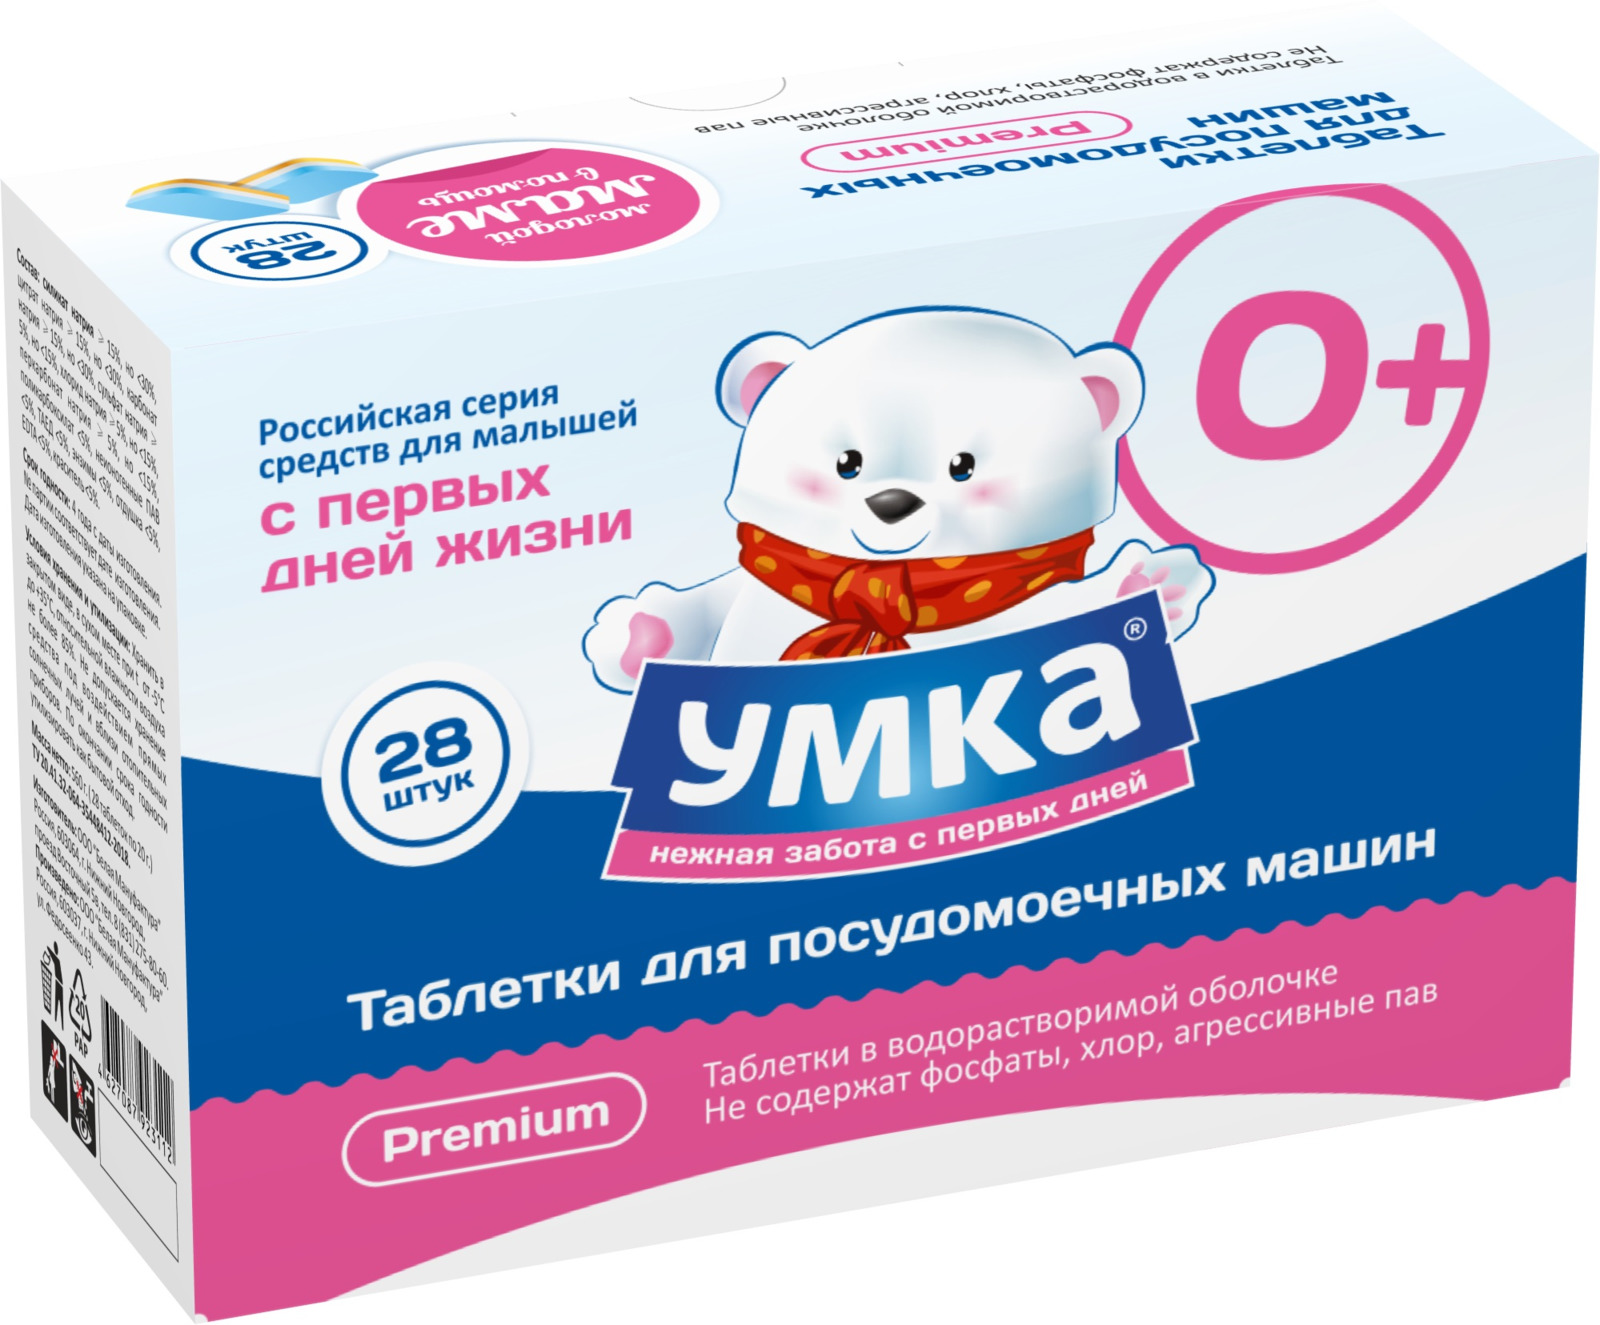 Таблетки для посудомоечной машины La Chista Умка, 28 шт таблетки для посудомоечной машины пмм somat classic 120 шт